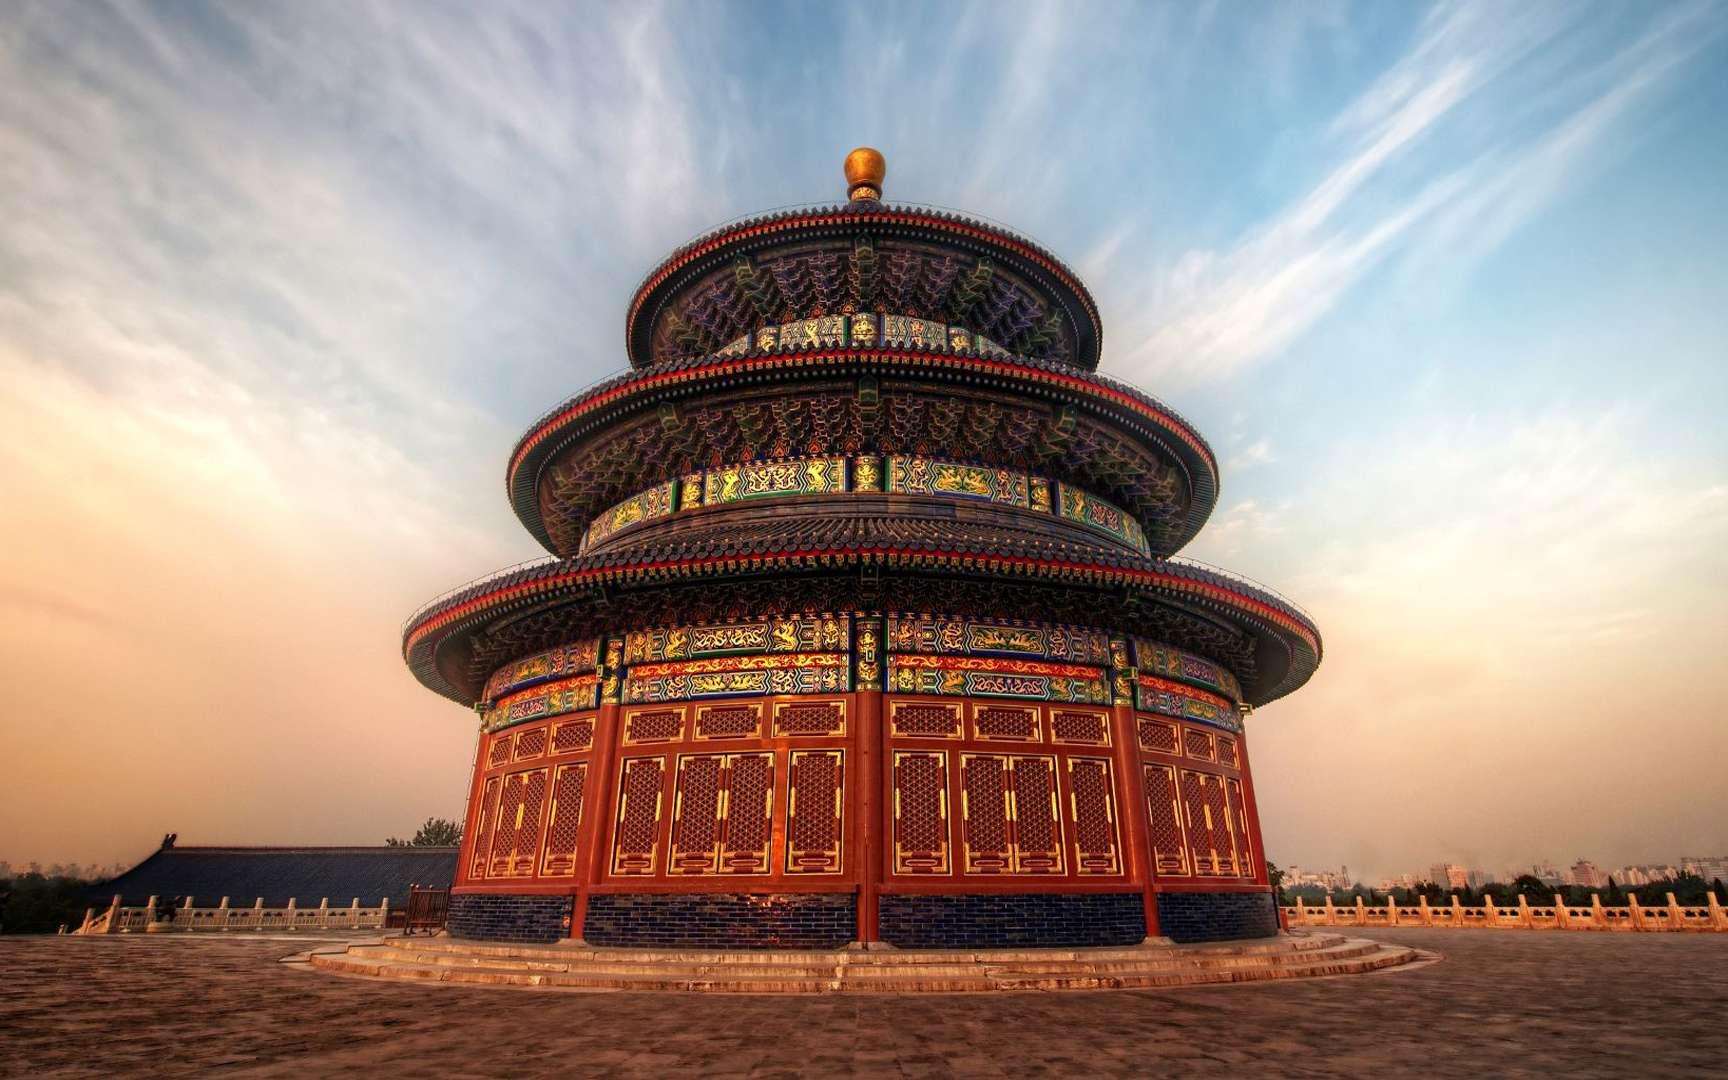 Le Temple du Ciel, à Pékin. Le Temple du Ciel est situé dans la ville chinoise, un quartier historique du sud de Pékin, dans le district de Xuanwu. Dans l'ancienne Chine, l'empereur était considéré comme le « fils du Ciel », qui préservait le bon ordre sur Terre en faisant le lien avec l'autorité céleste. Afin de montrer son respect au Ciel, les cérémonies de sacrifice étaient très importantes. Le Temple du Ciel a été inscrit par l'Unesco à la liste du patrimoine mondial en 1998. Il s'agit en réalité d'un important complexe au cœur de la ville, de 1,5 km du nord au sud et de 1 (minimum) à 1,7 km (maximum) d'est en ouest. Il est délimité par deux murs au nord et un seul au sud. Il contient de nombreux temples dont : La Salle des prières pour la récolte (Qi Nian Dian), pavillon en forme de rotonde dans le nord du complexe ;La Demeure du seigneur du Ciel (Huang Qiong Yu), pavillon en forme de rotonde construit sur un tertre de marbre ; on y remisait les autels lorsqu'ils n'étaient pas utilisés ;La Salle de l'abstinence (Zhai Gong), palais situé dans la partie ouest du complexe ;L'Autel du Ciel (Yuan Qiu Tan), espace ressemblant à la terrasse de la Salle des prières pour la récolte, mais sans bâtiment en rotonde. Il est situé sur le même axe que la salle mais au sud du complexe. © Trey Ratcliff, Flickr, CC by-nc-sa 2.0